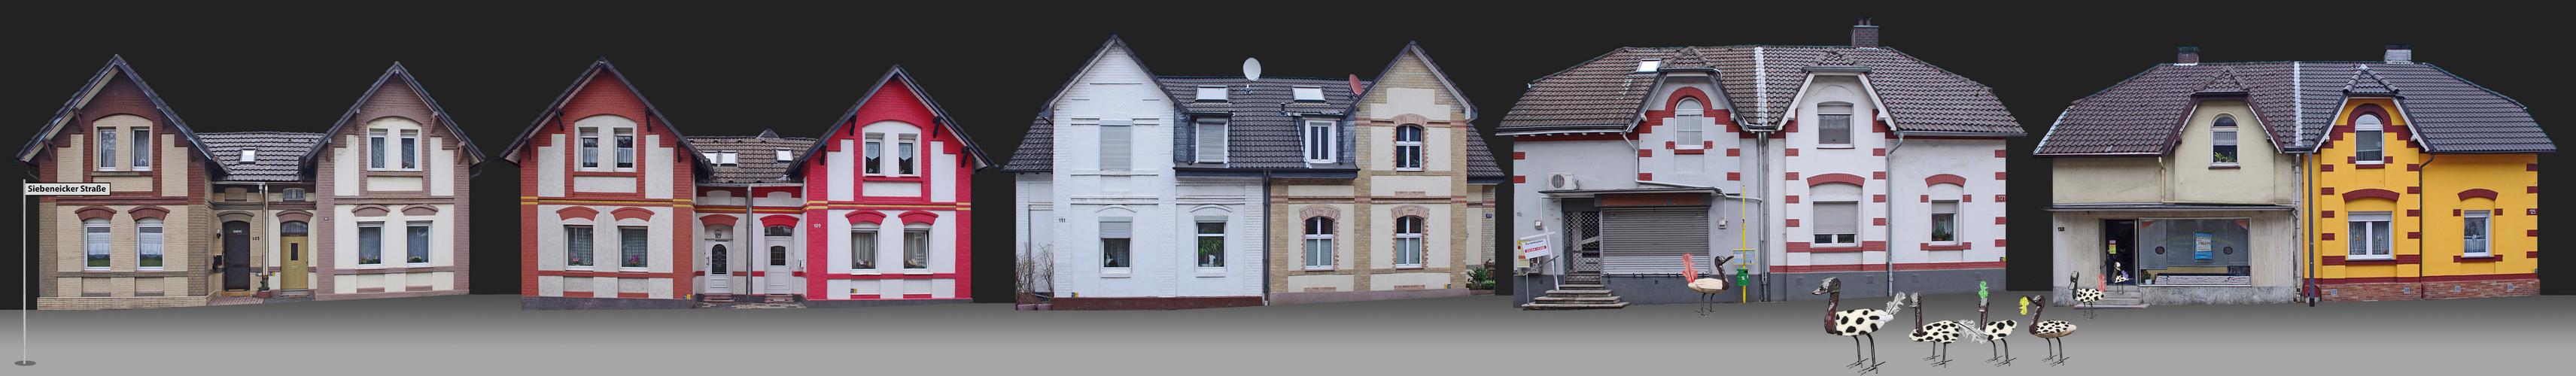 Häuserzeile # 1